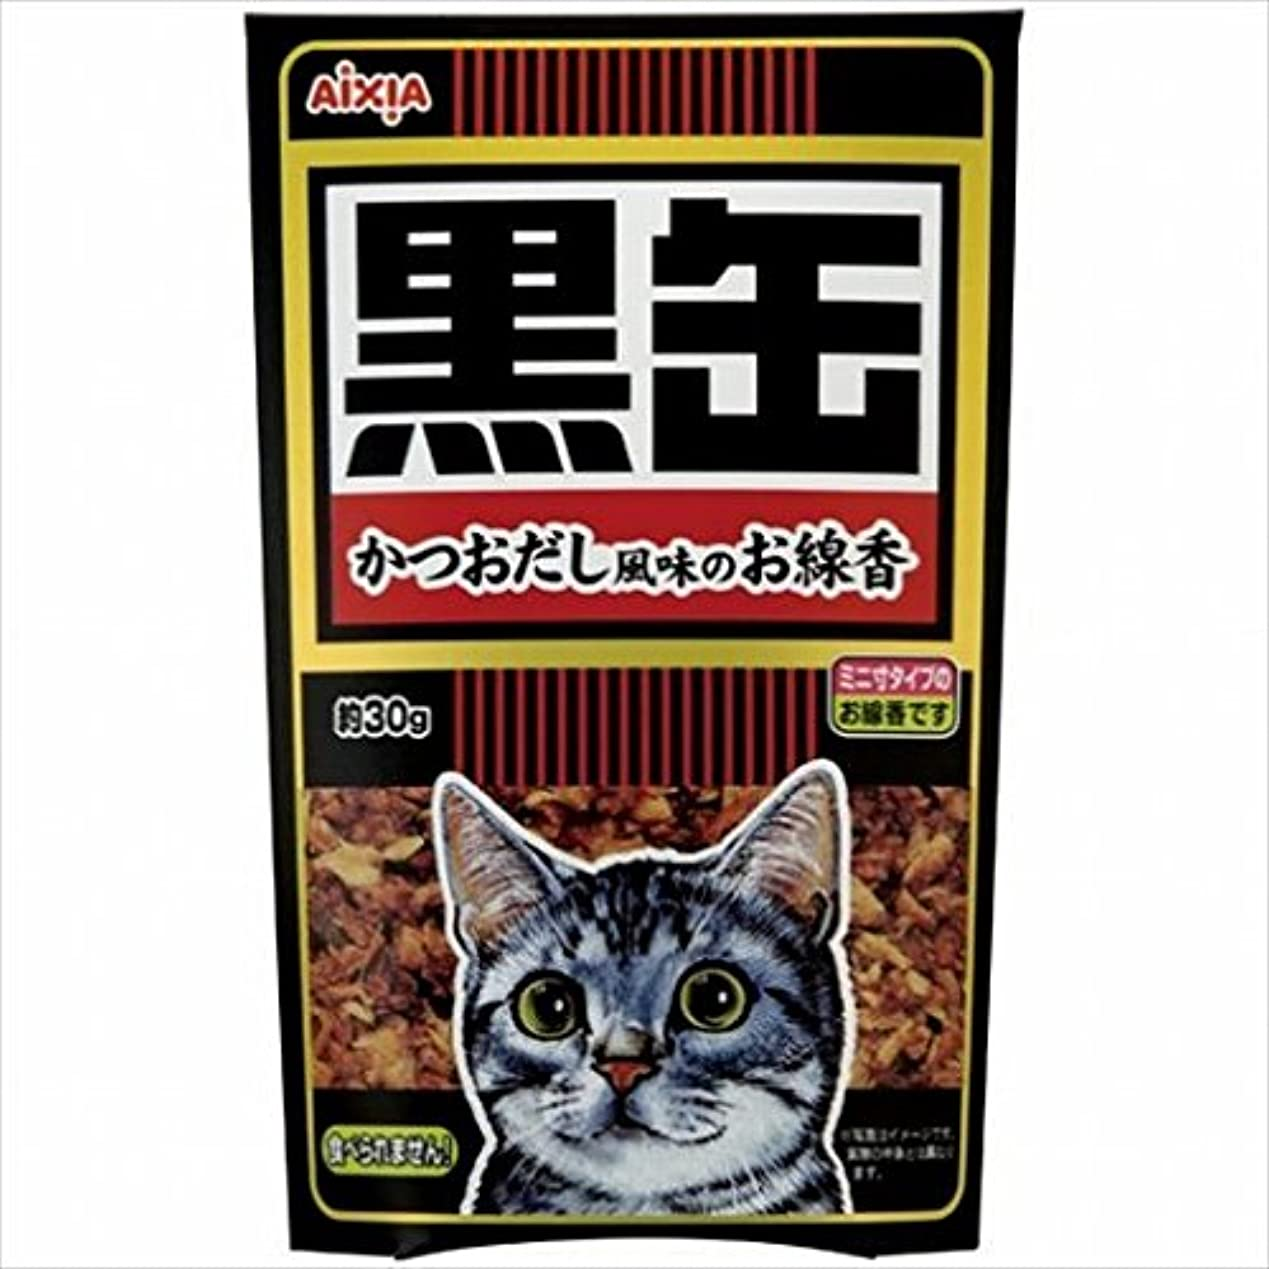 プレビュー革新ハチカメヤマキャンドル(kameyama candle) 黒缶 線香